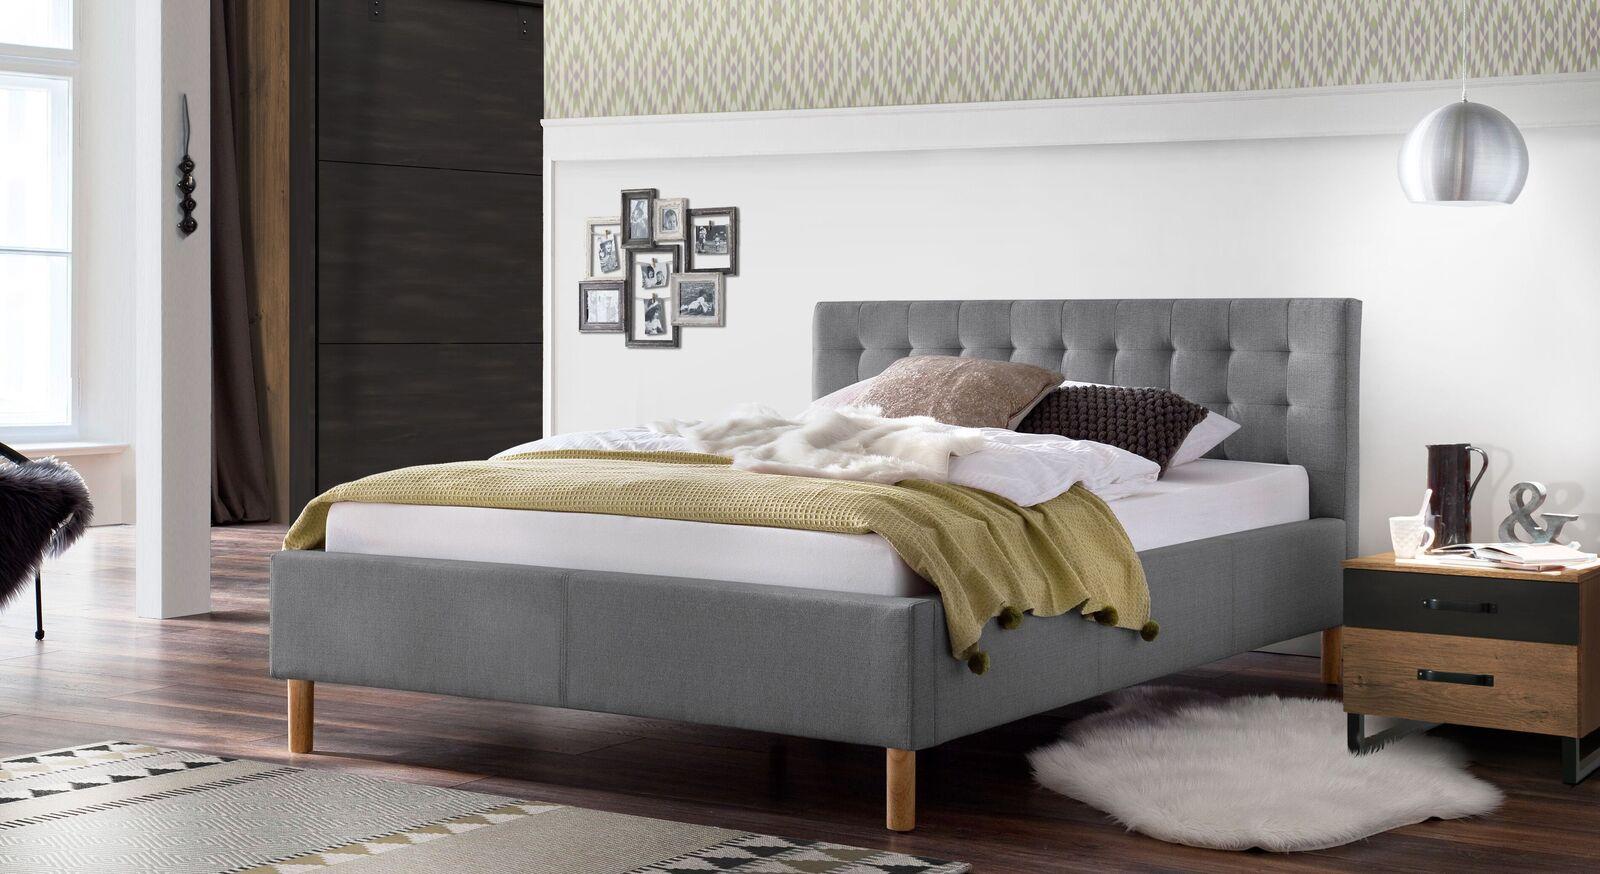 Passende Schlafzimmermöbel zum Bett Lemin